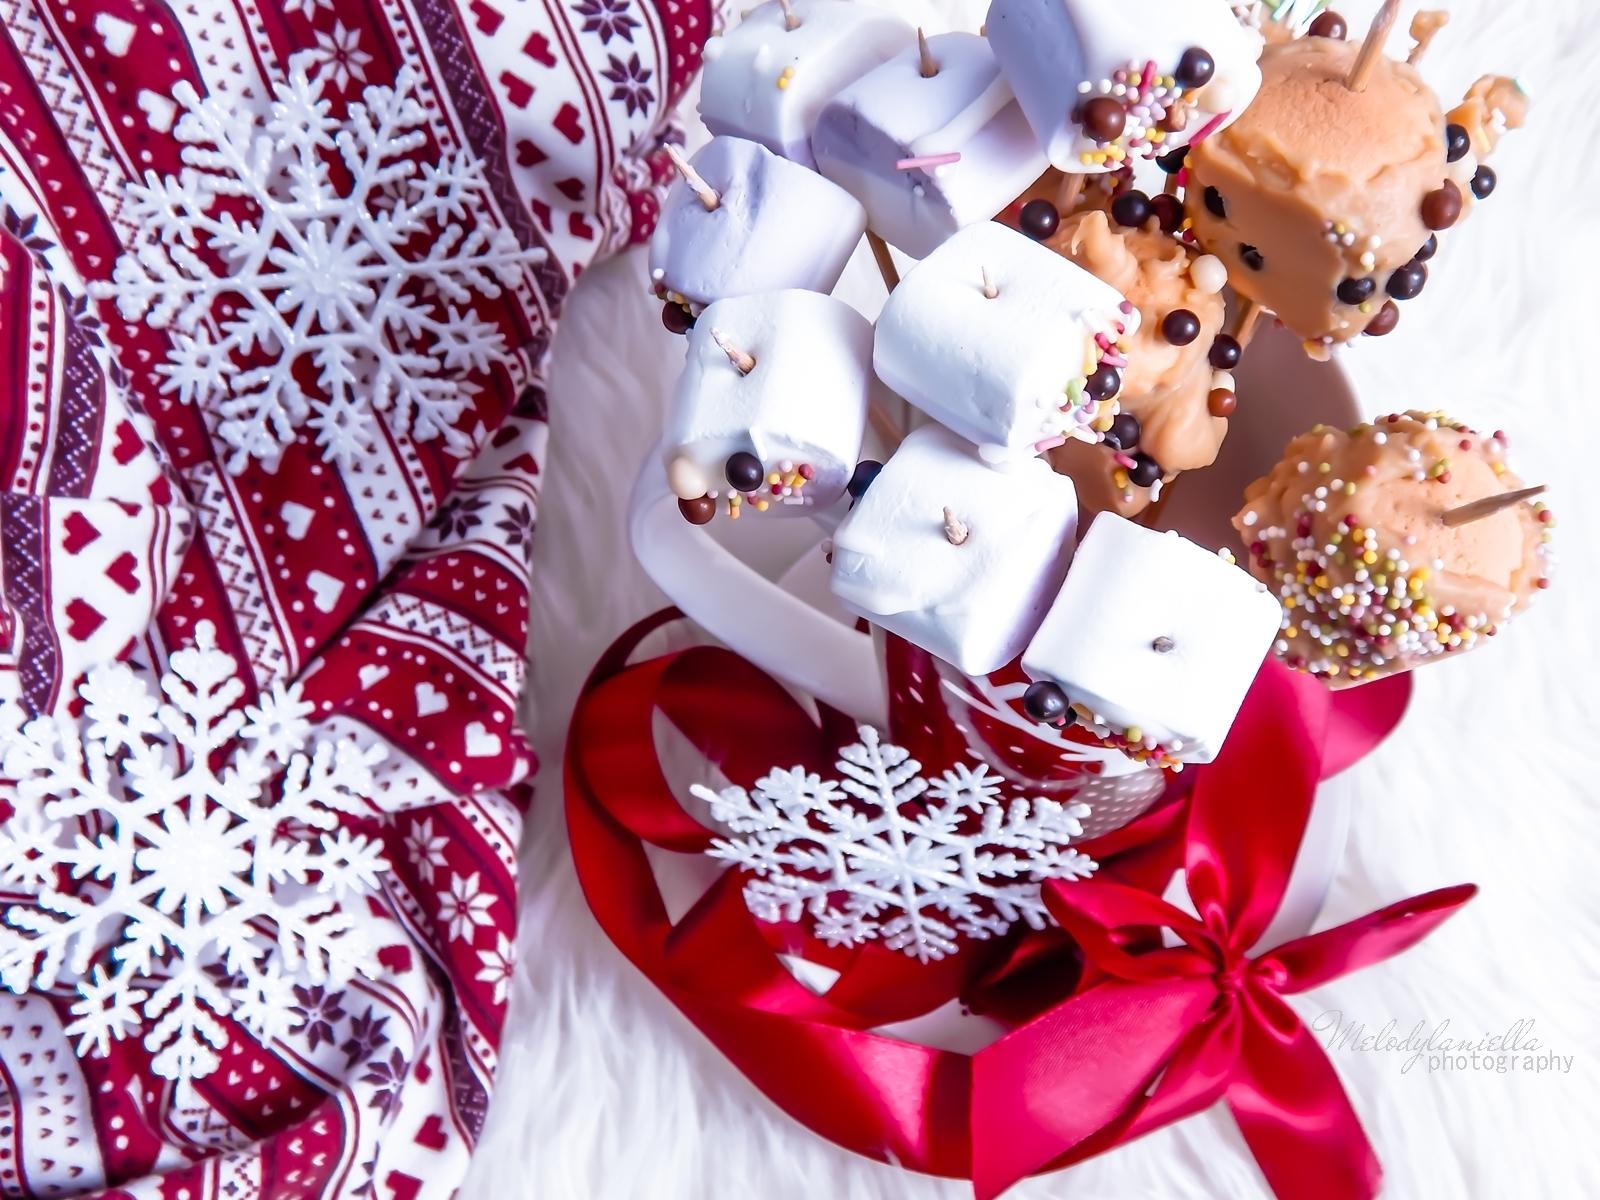 8 szybkie przekąski z pianek jojo, czekolady, banana, swiateczne przysmaki na wykalaczkach efektowne słodycze na Boze Narodzenie zimowe slodkosci melodylaniella kolorowe